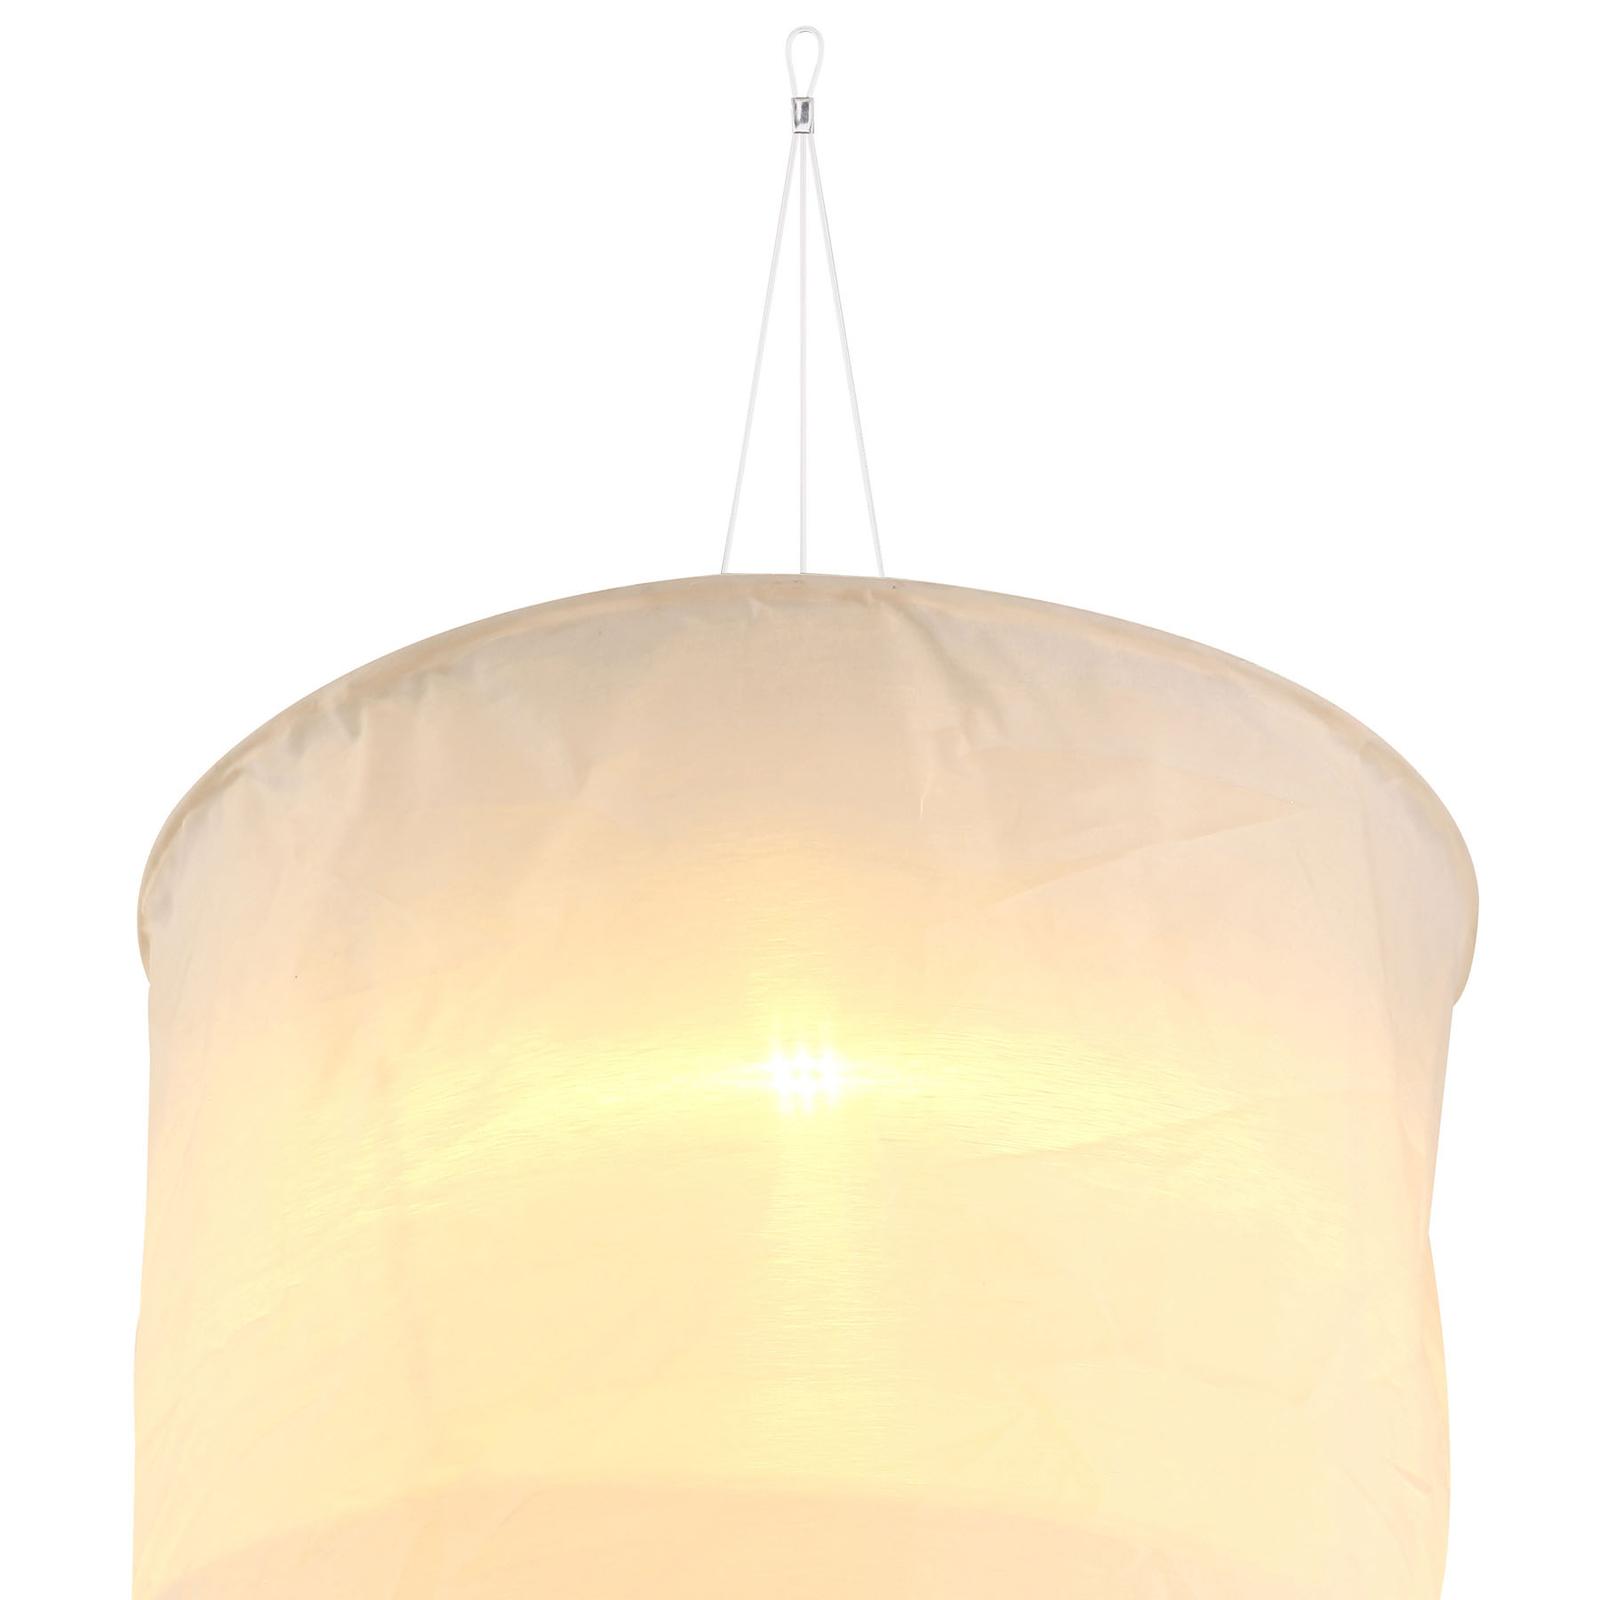 Solarna lampa wisząca 33981 z płóciennym kloszem